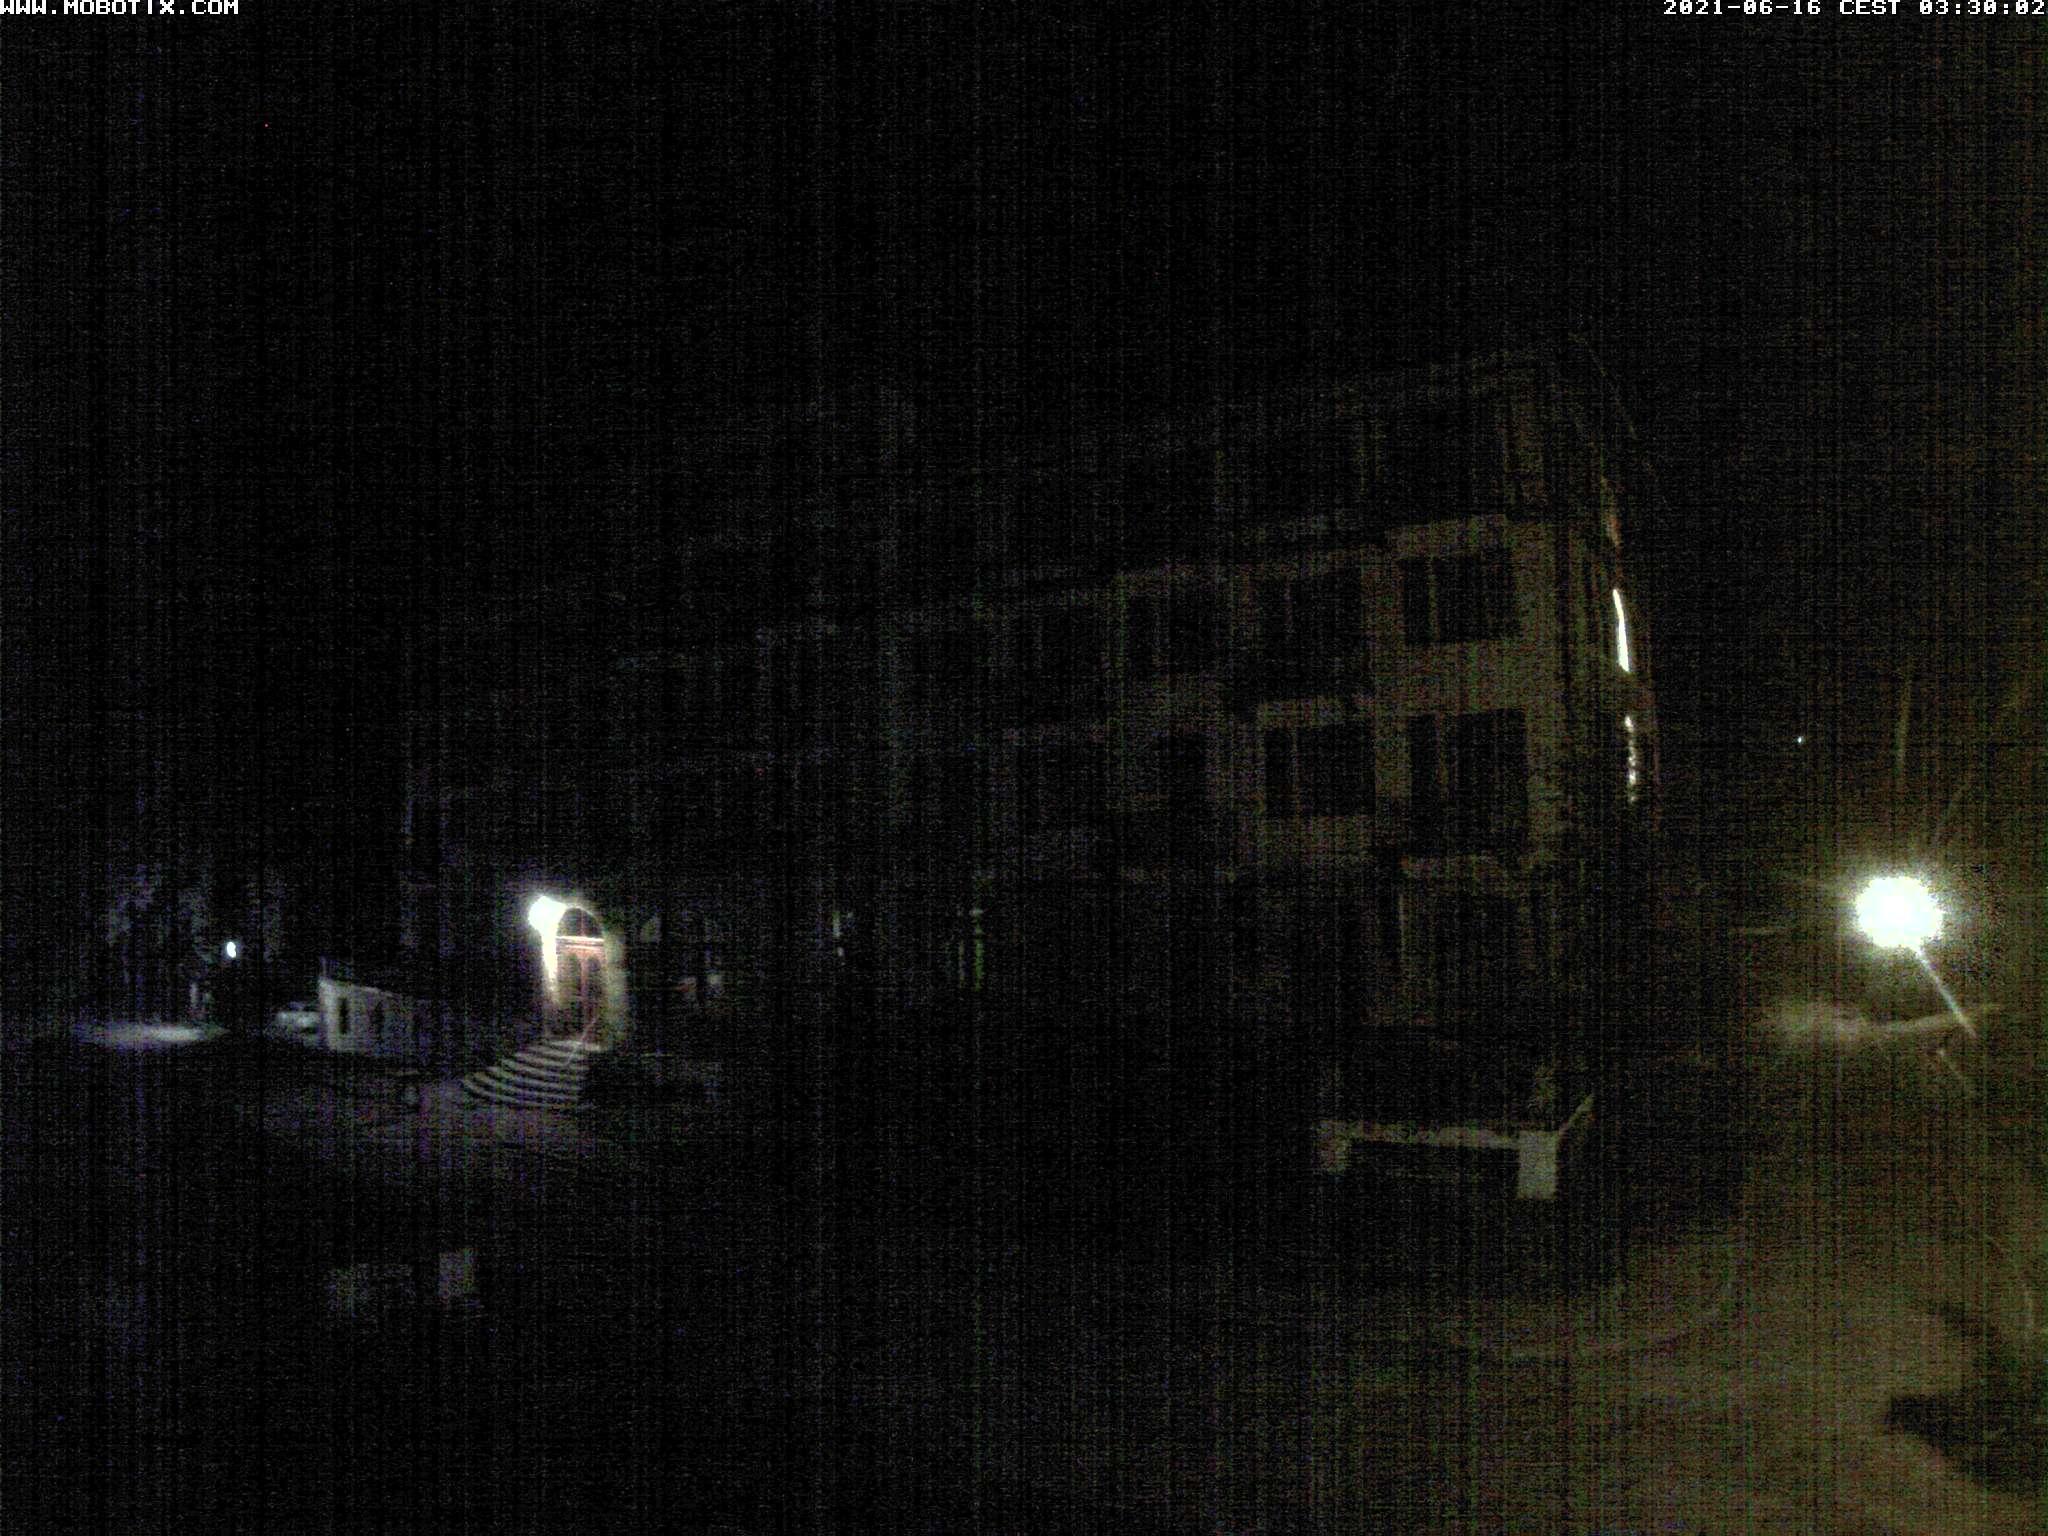 28h ago - 03:30